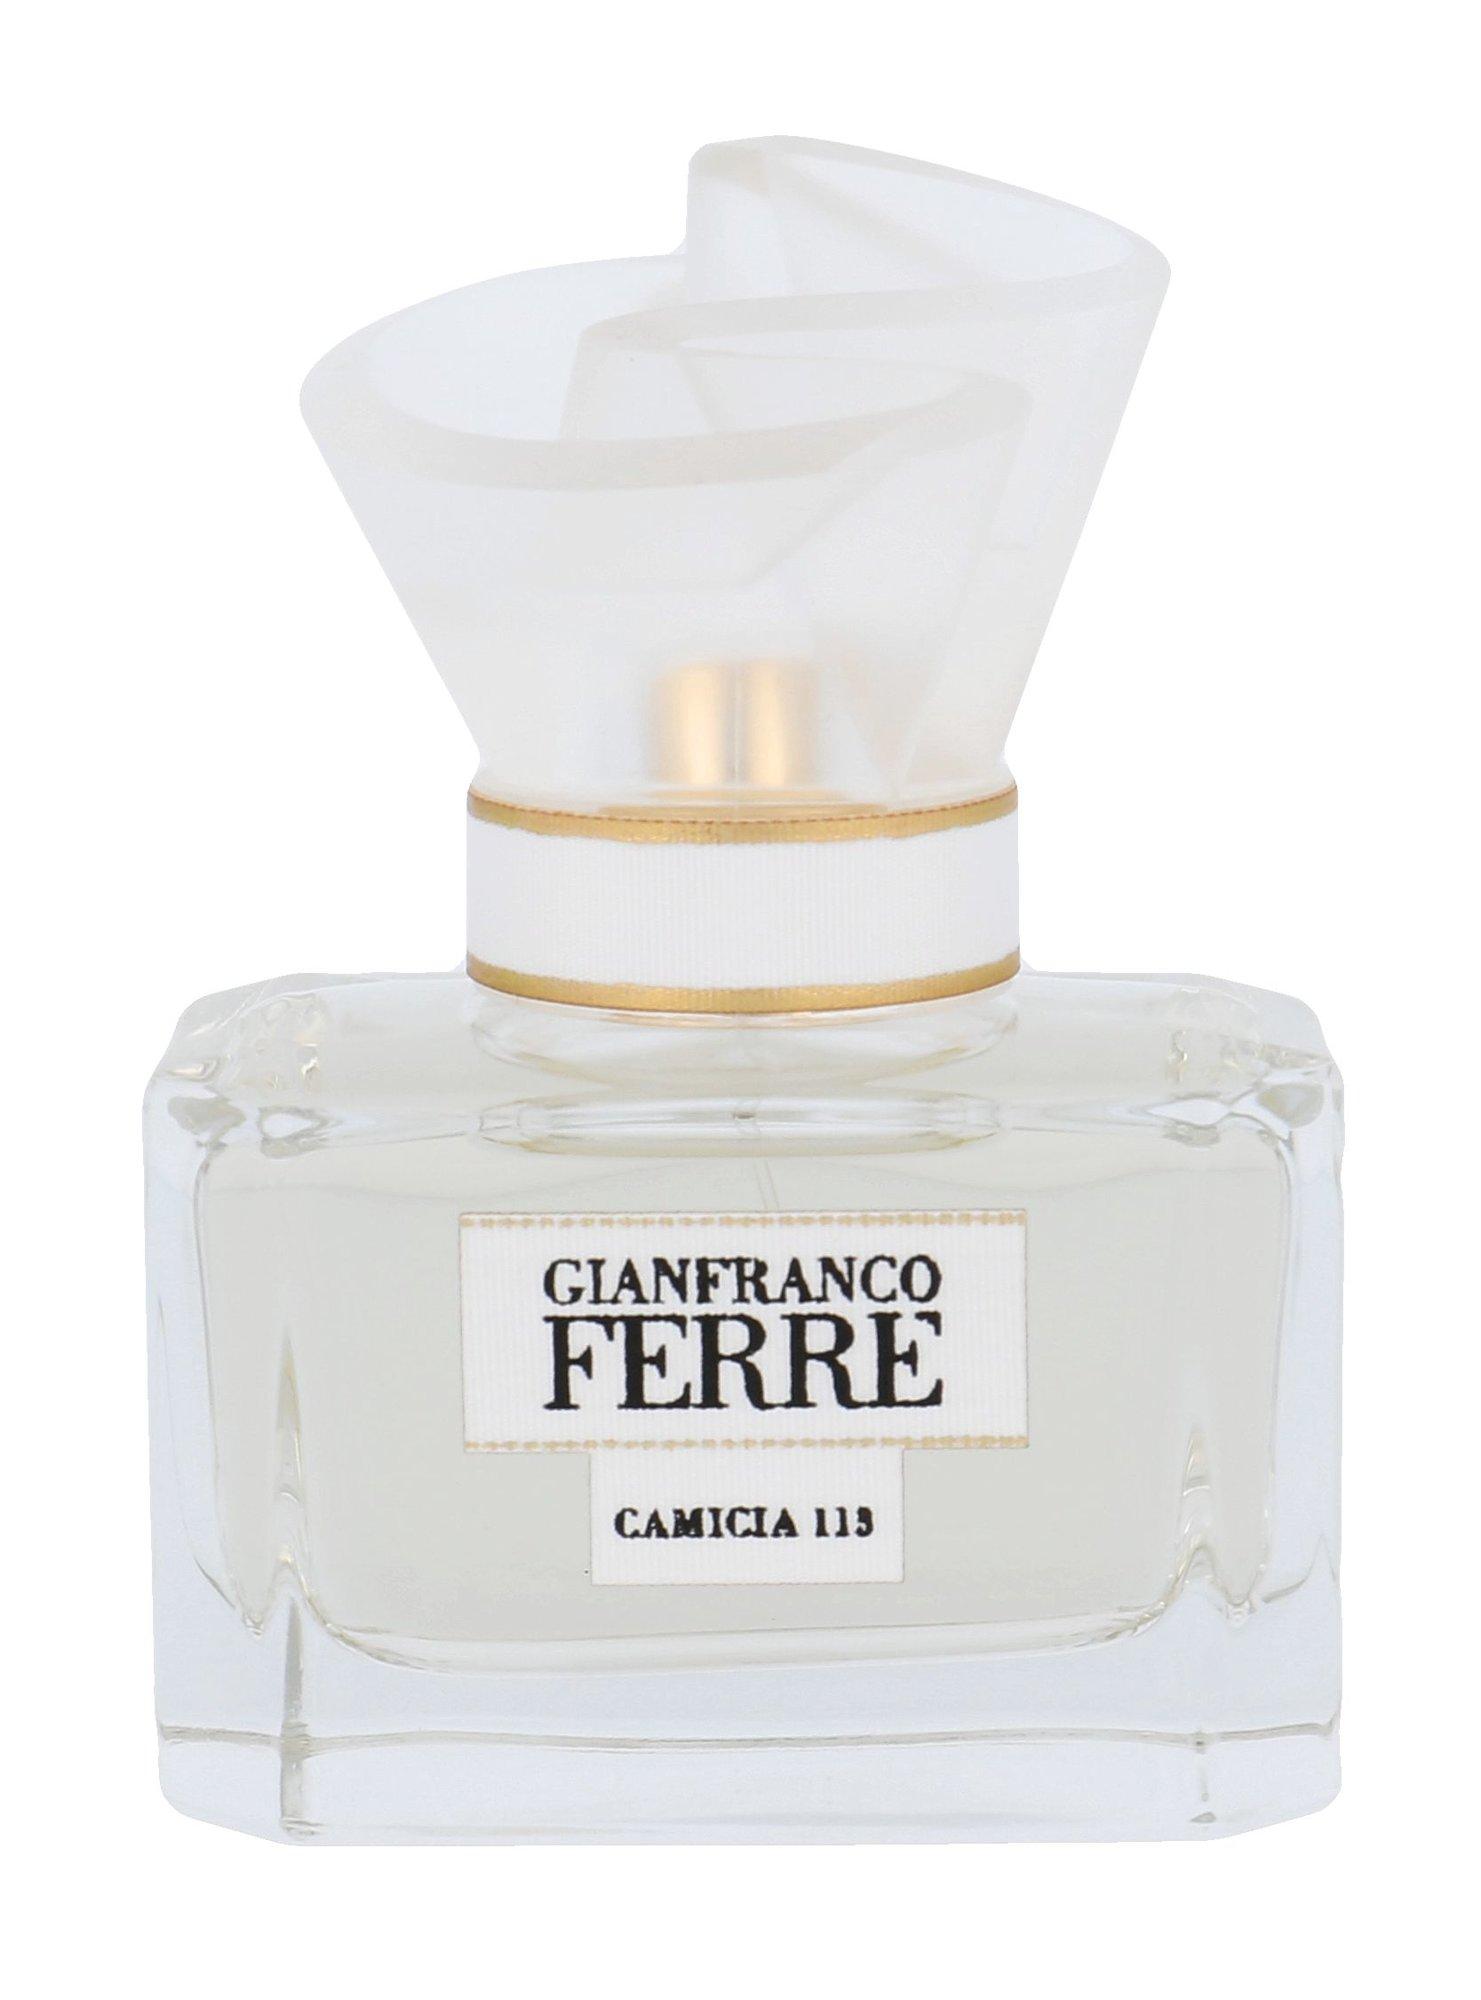 Gianfranco Ferré Camicia 113 EDP 50ml